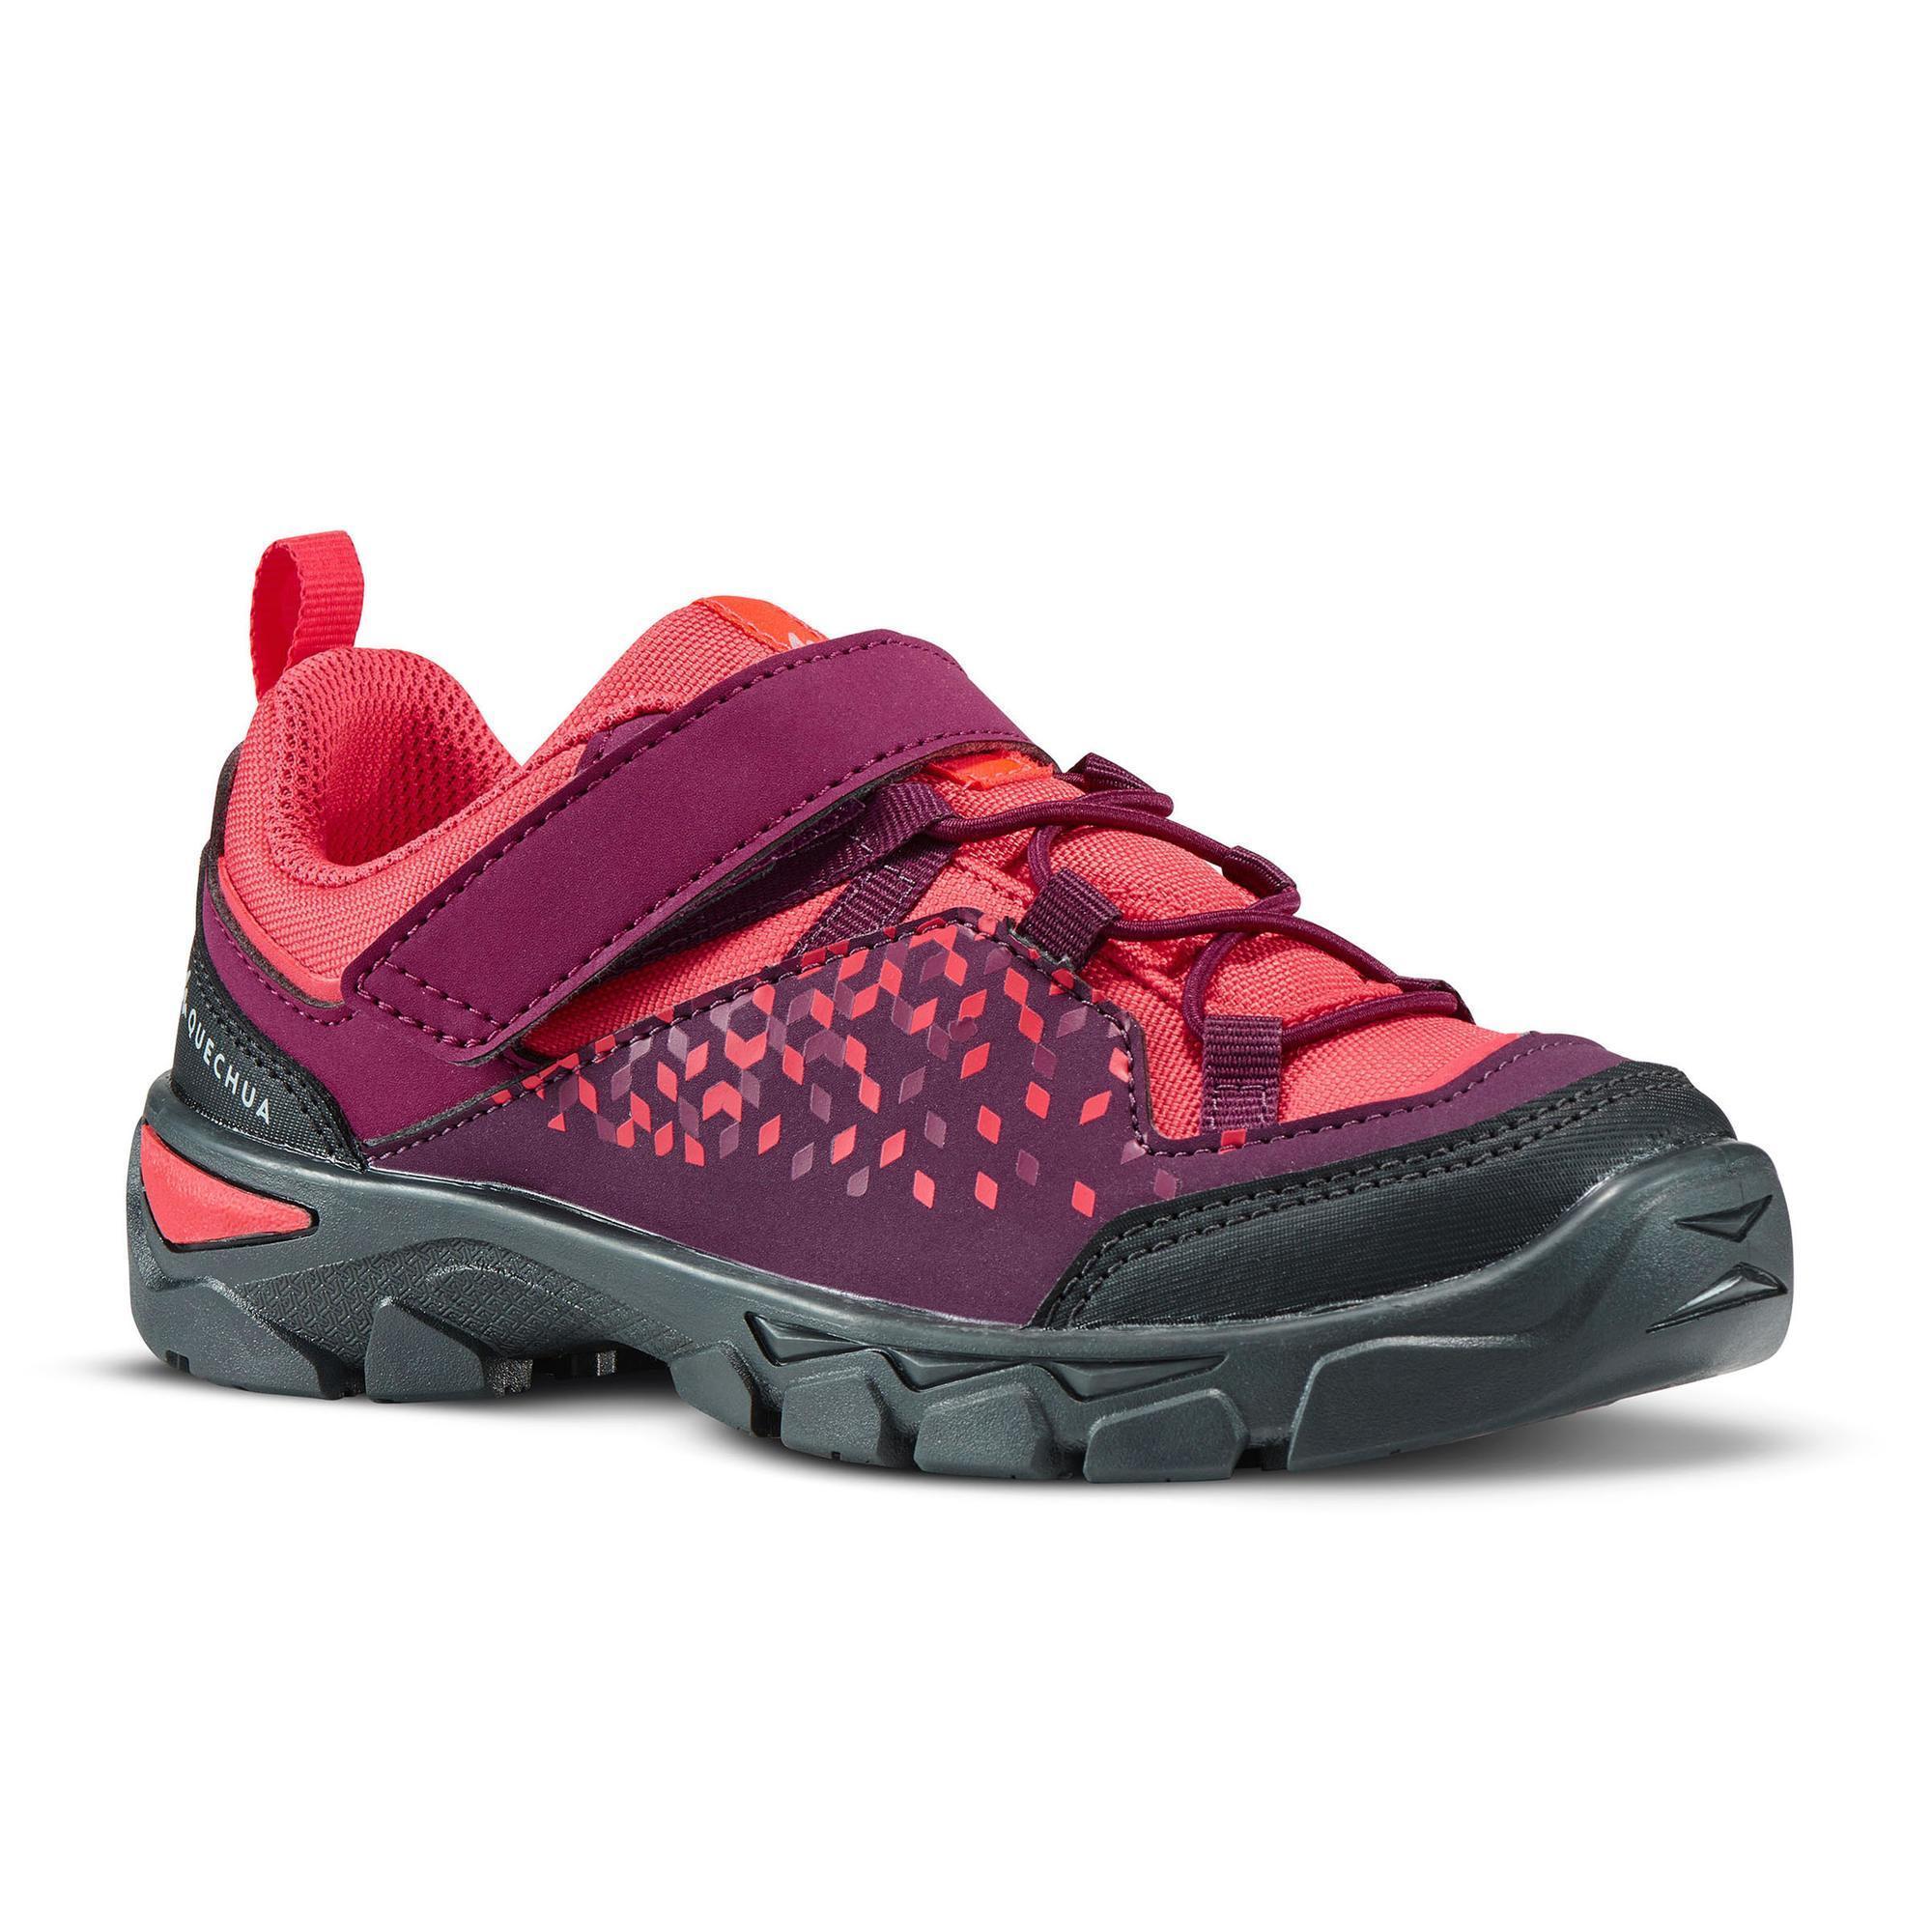 1f910eb95d7a39 Quechua Lage wandelschoenen met klittenband voor meisjes MH120 maat 28 tot  34 paars | Decathlon.nl